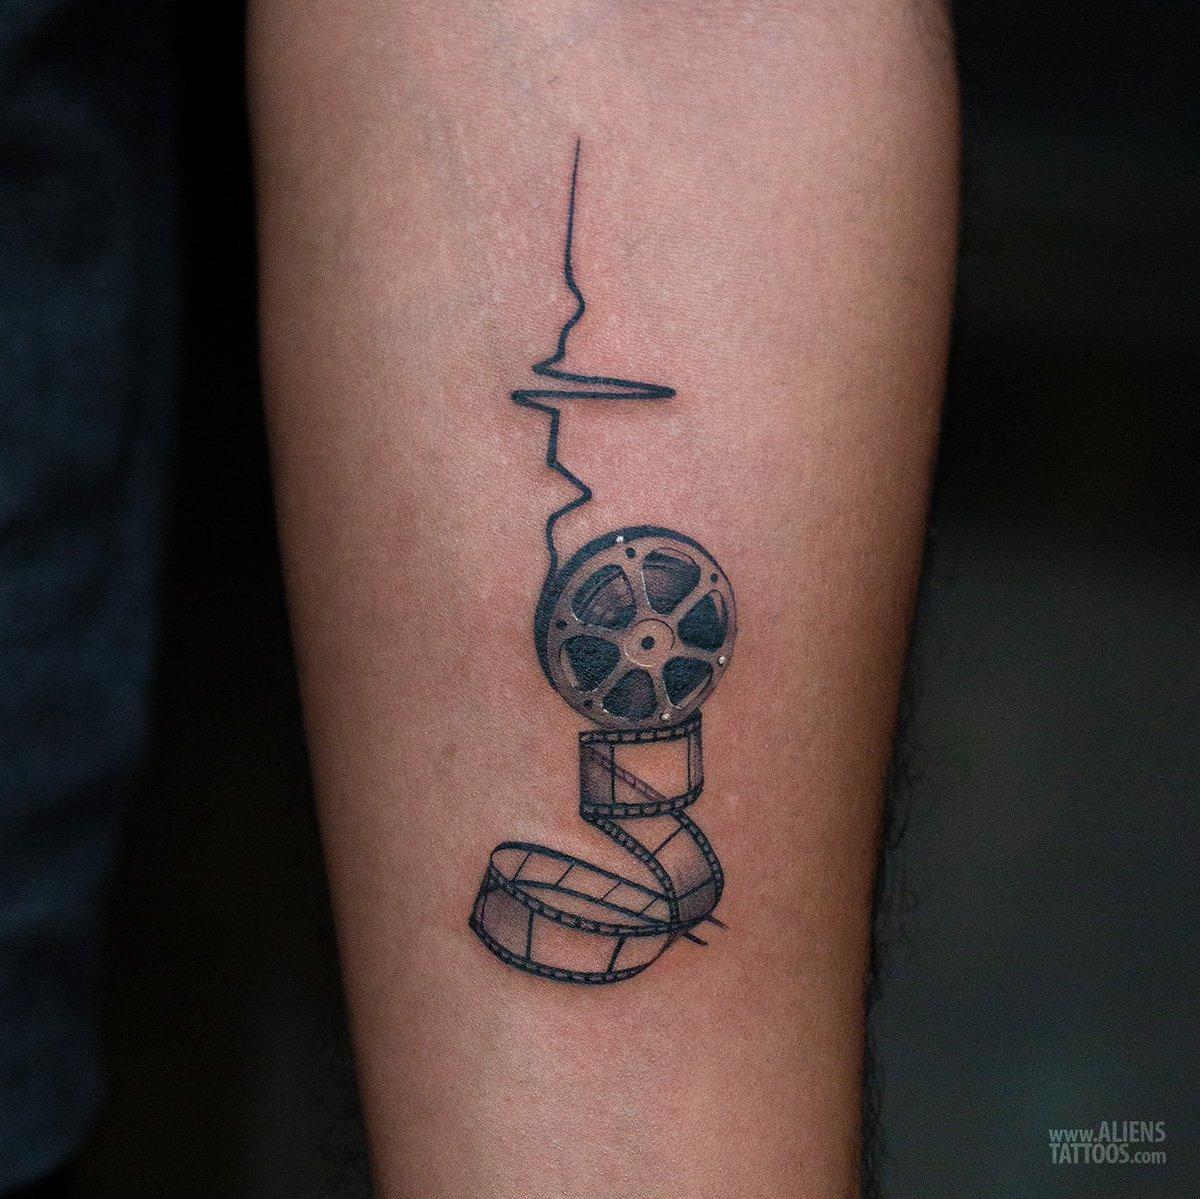 Aliens Tattoo Aliens Tattoo Twitter